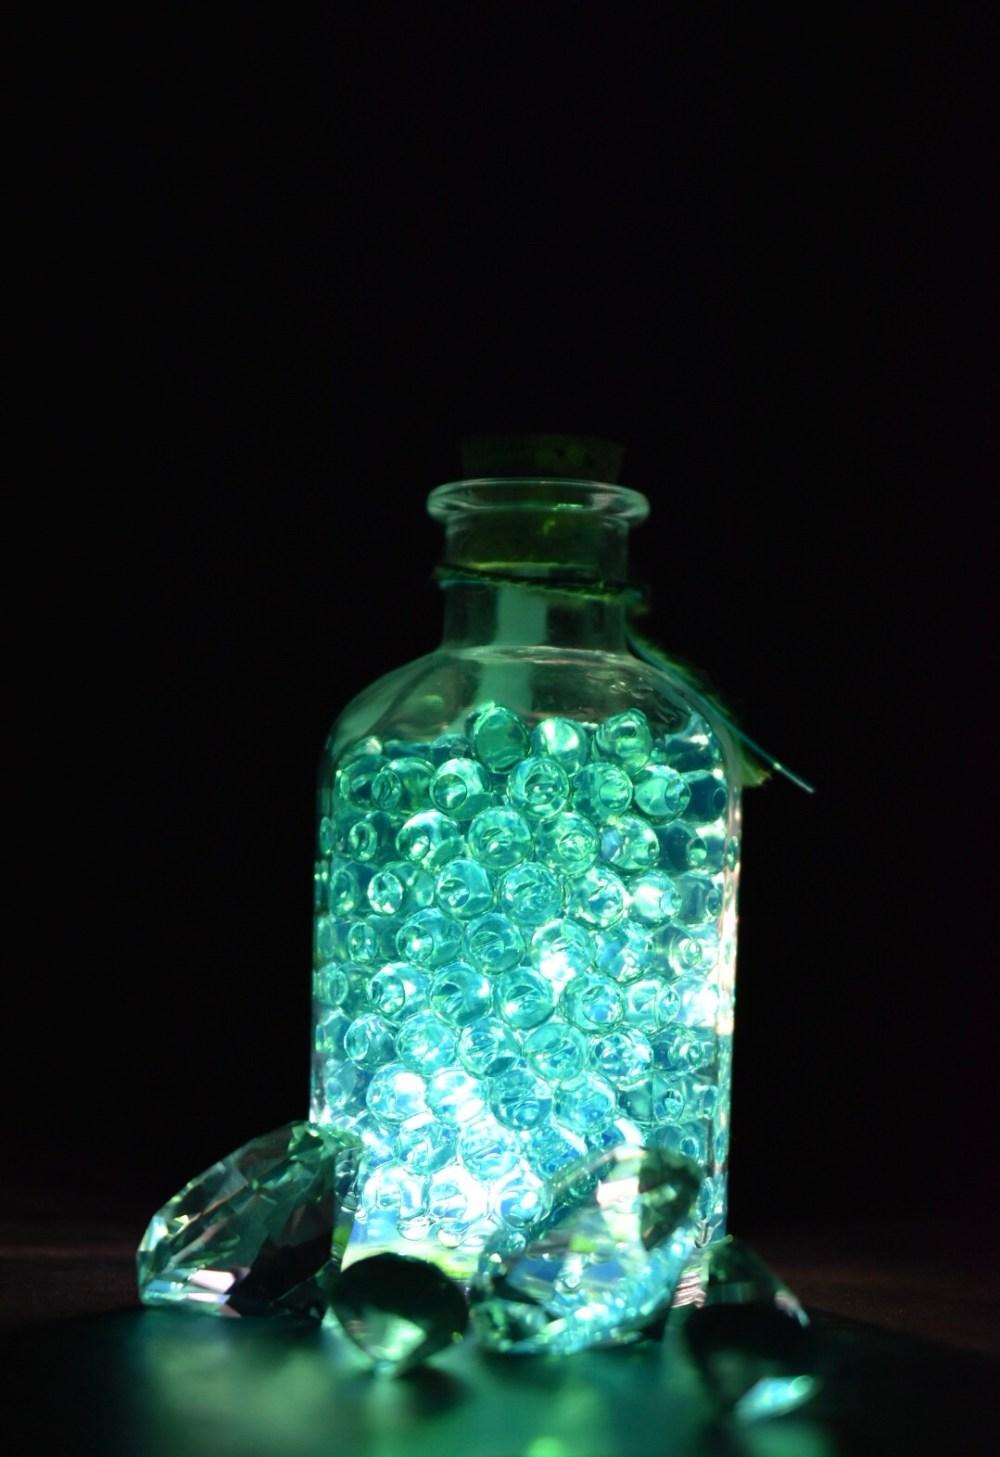 Strahlende Glasflasche mit Kugeln und Diamanten im Dunklen